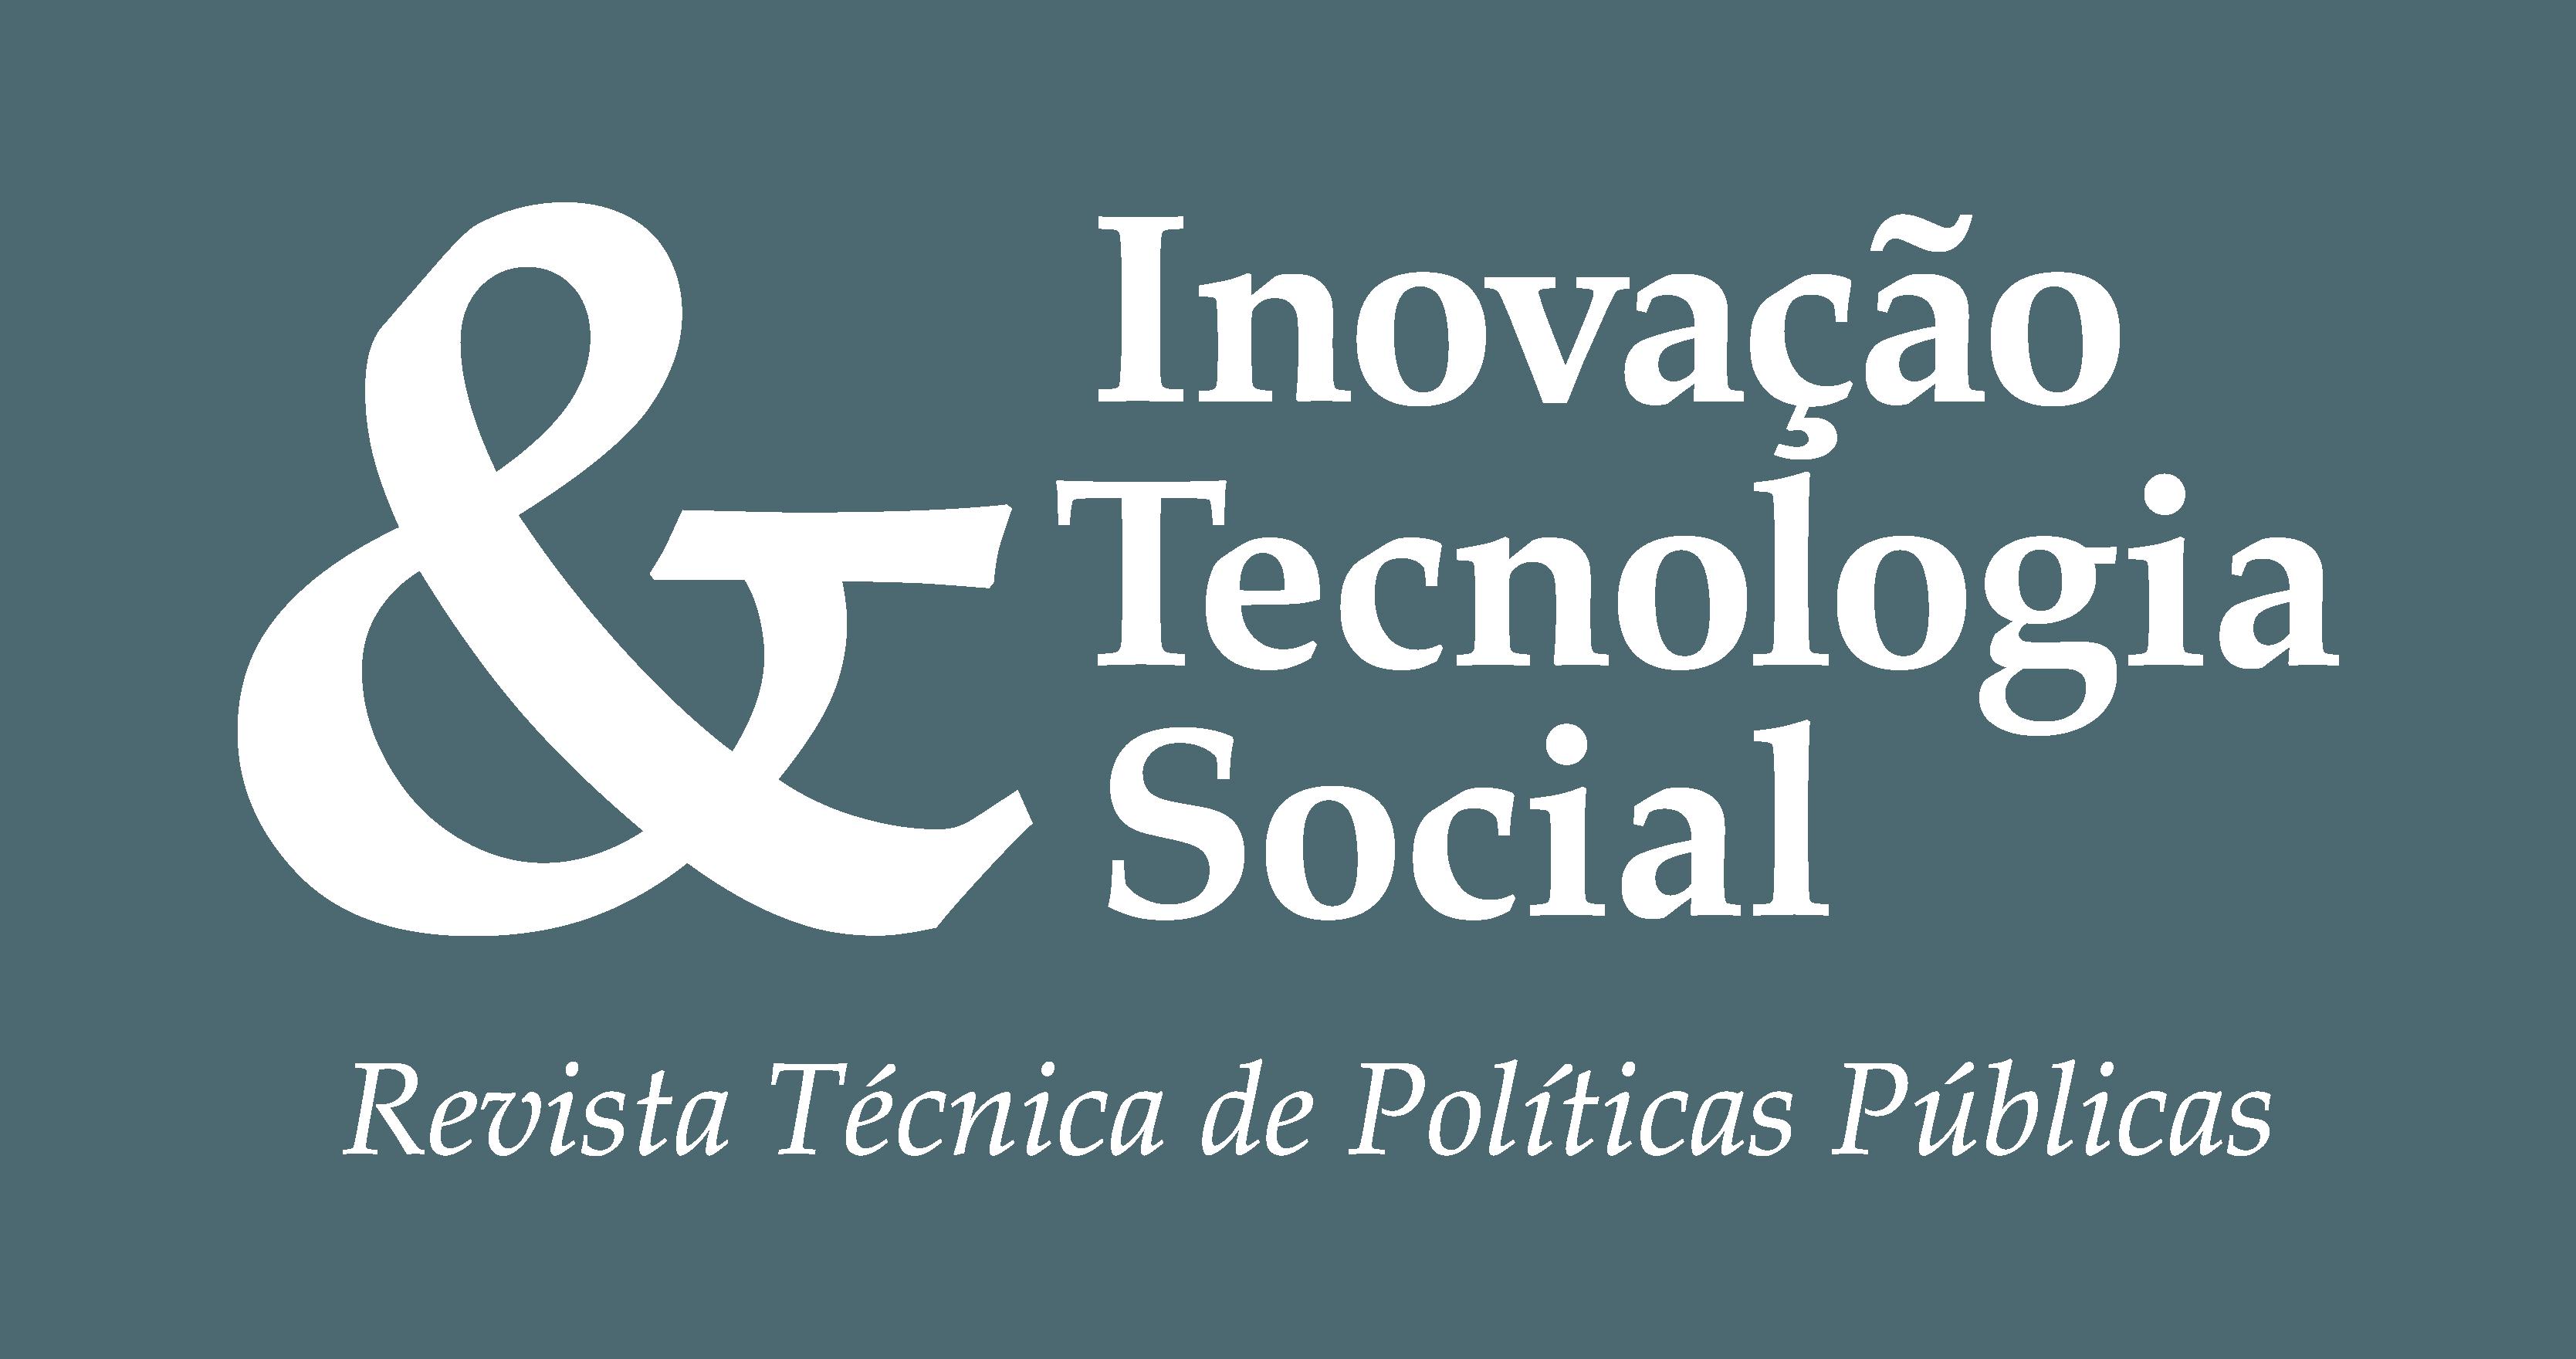 Inovação & Tecnologia Social